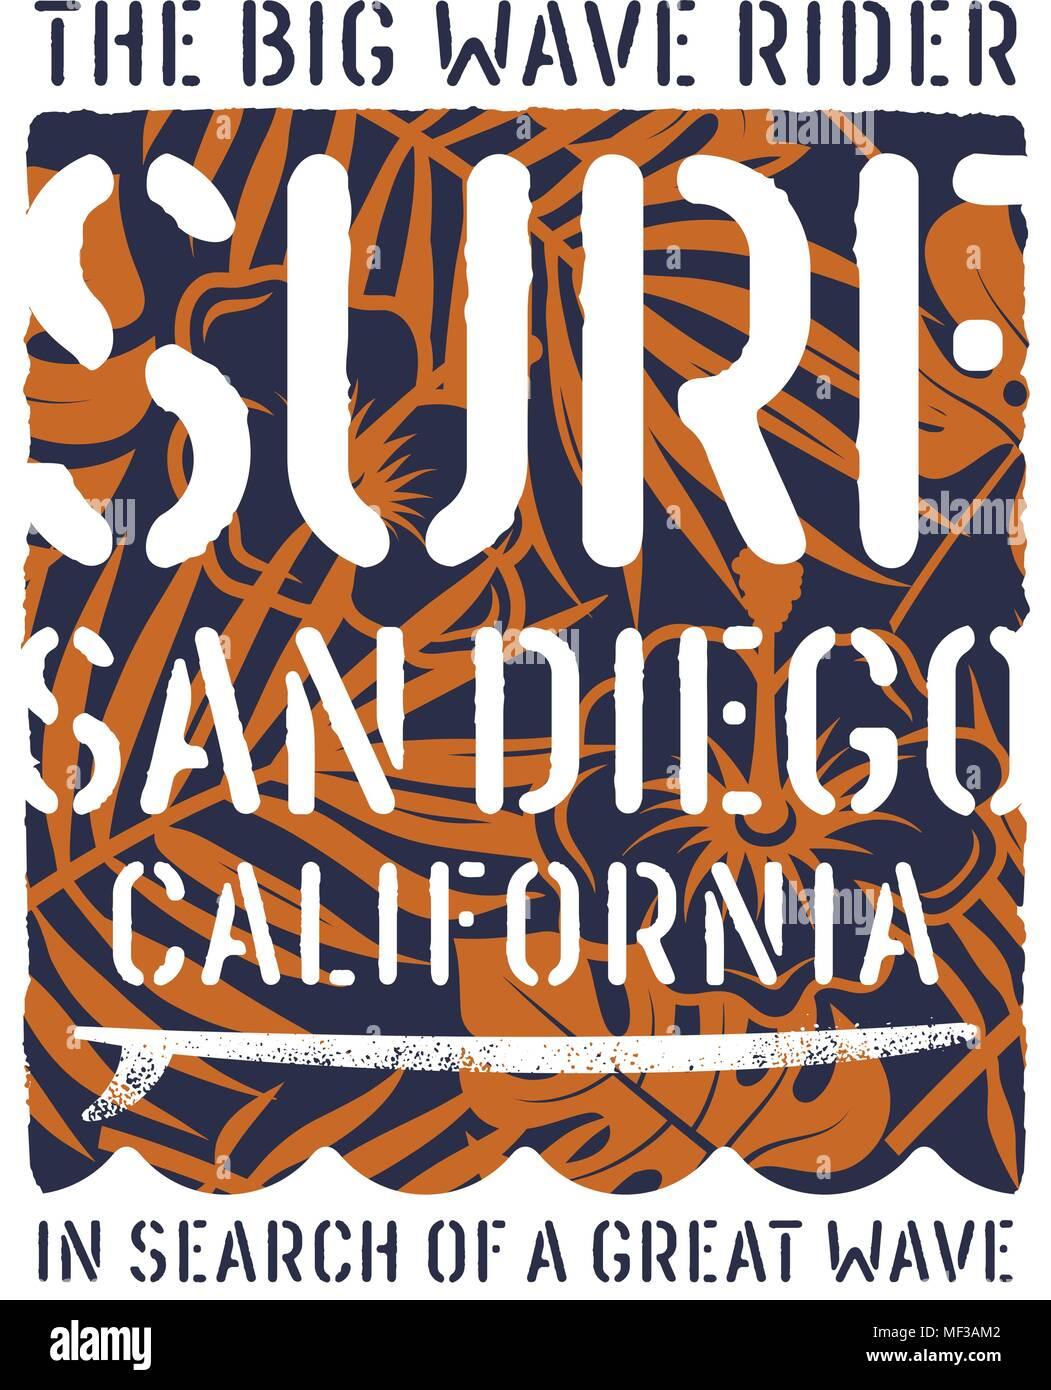 da422d28252f5 Surfing artwork. California surfing t-shirt design. Vintage graphic ...